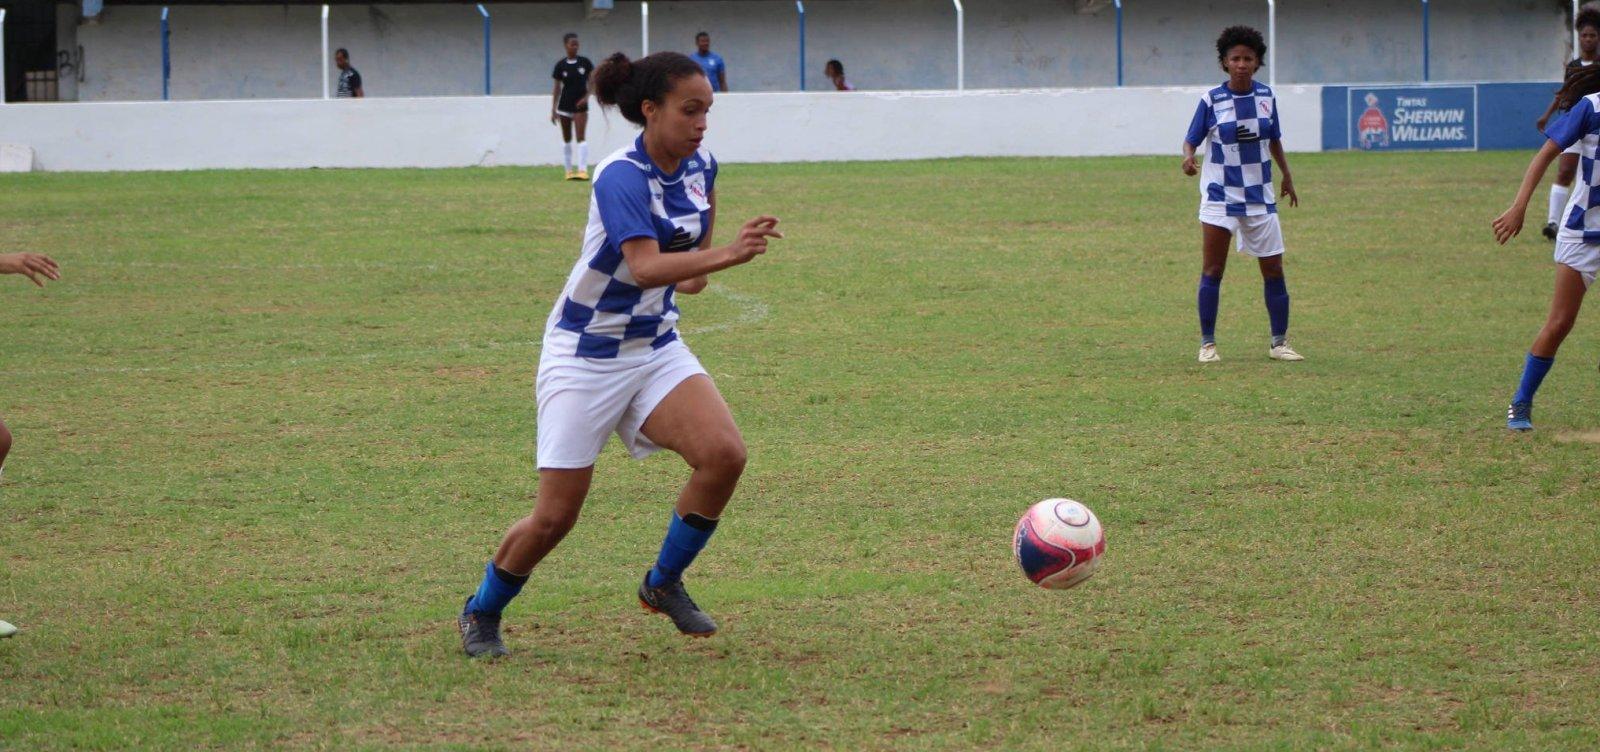 Baianão Feminino: Galícia é o destaque da 3ª rodada com goleada de 8 a 0